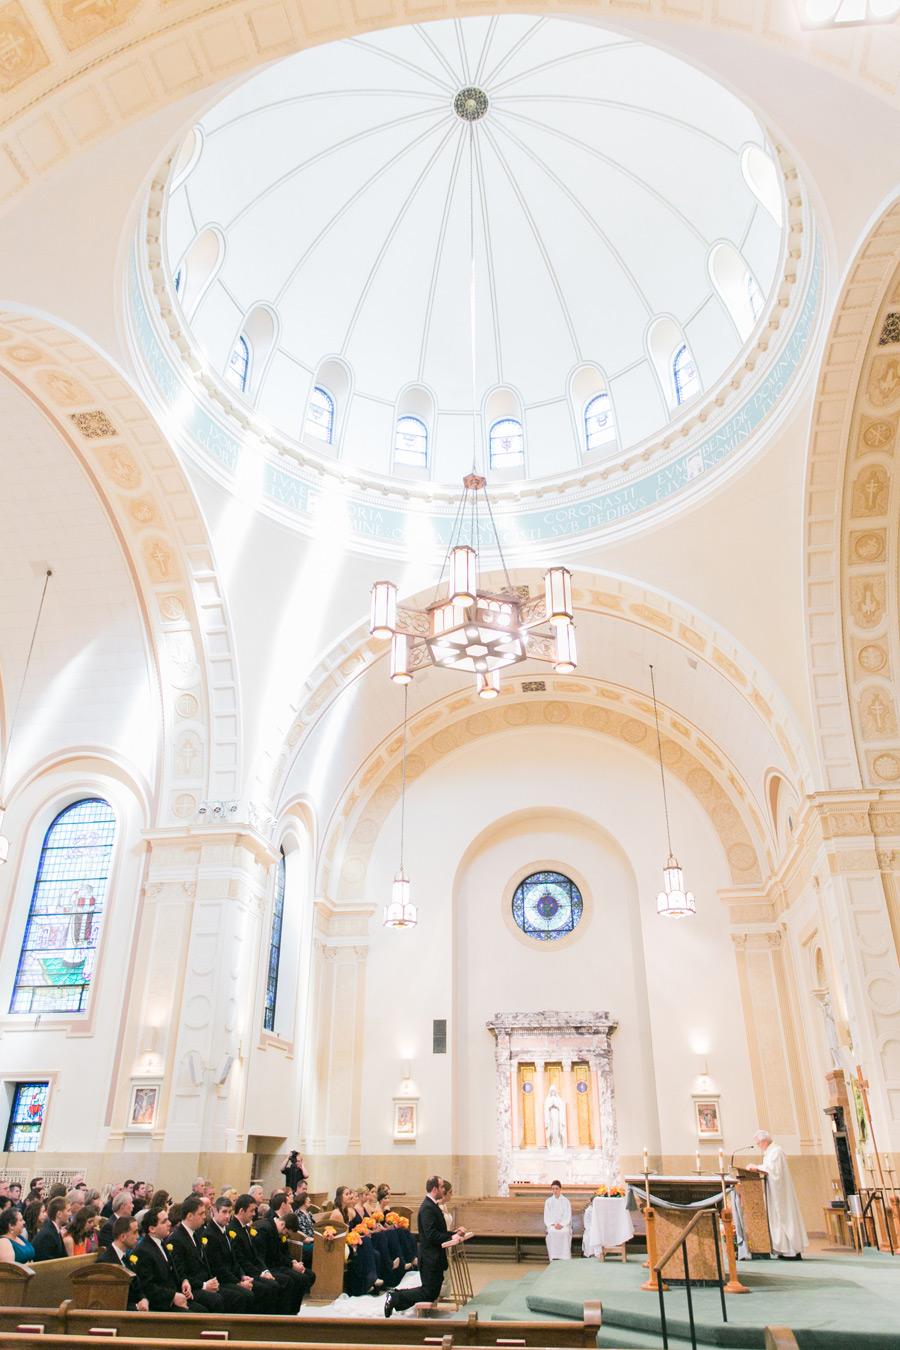 adler-planetarium-wedding-021